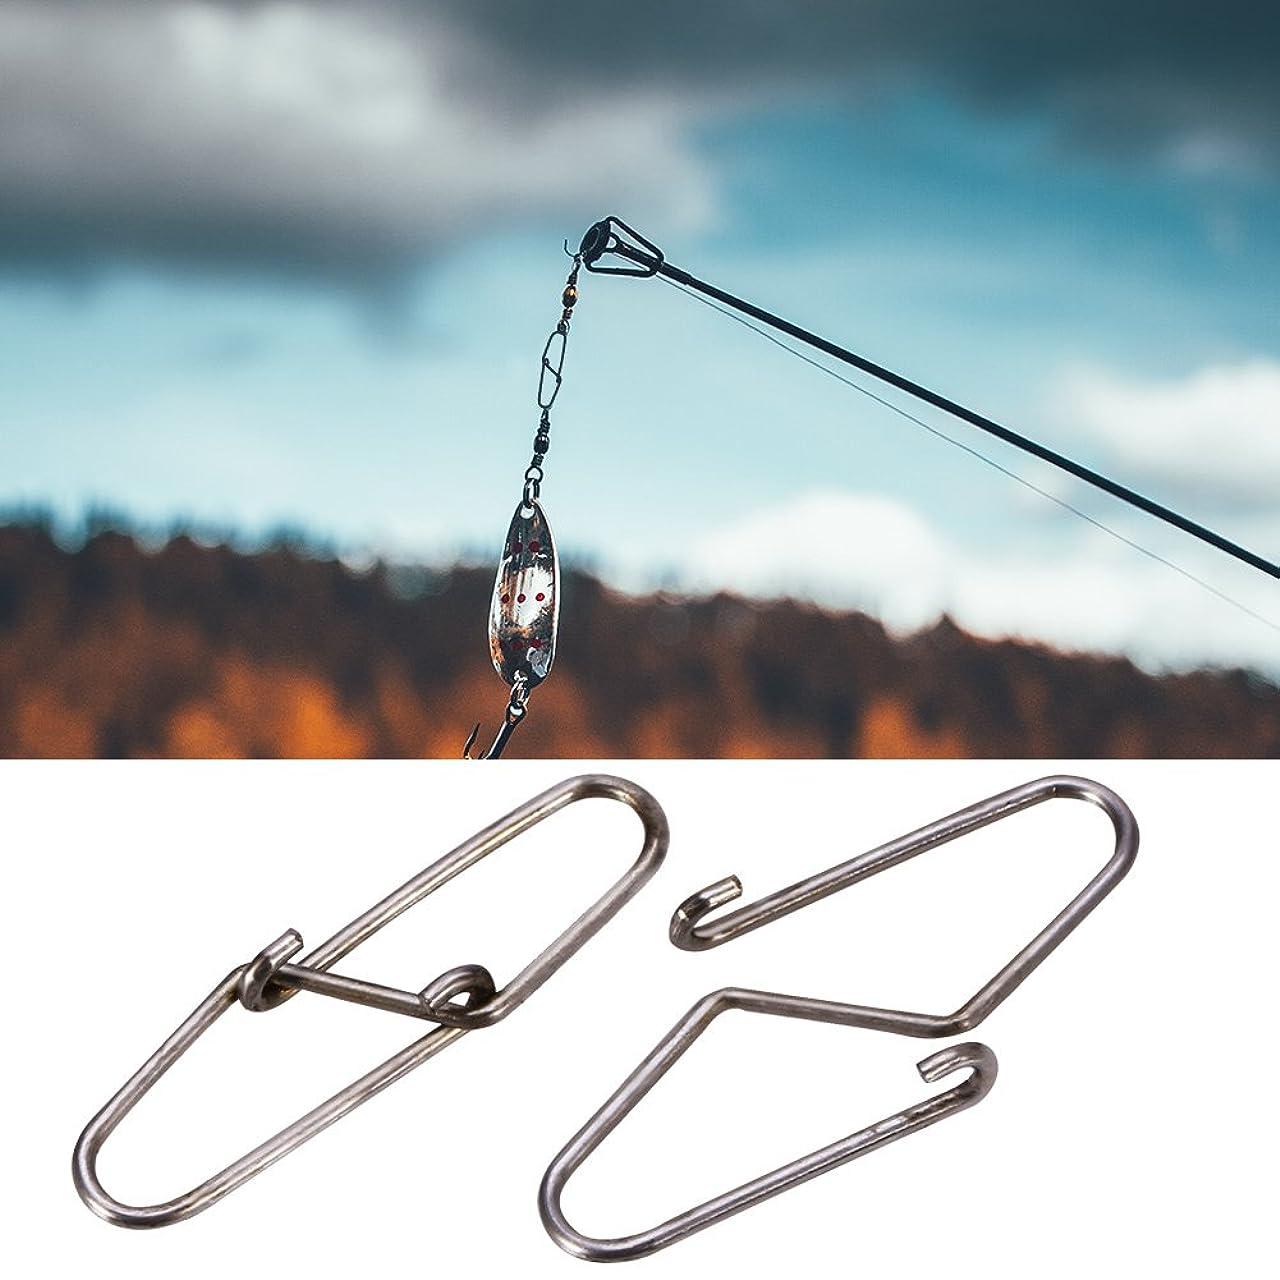 ふさわしい蘇生する便利100ピースステンレス鋼釣りボールベアリングスイベルデュオロックスナップ高強度クリップ釣りコネクタスイベルロックスナップ(#2)